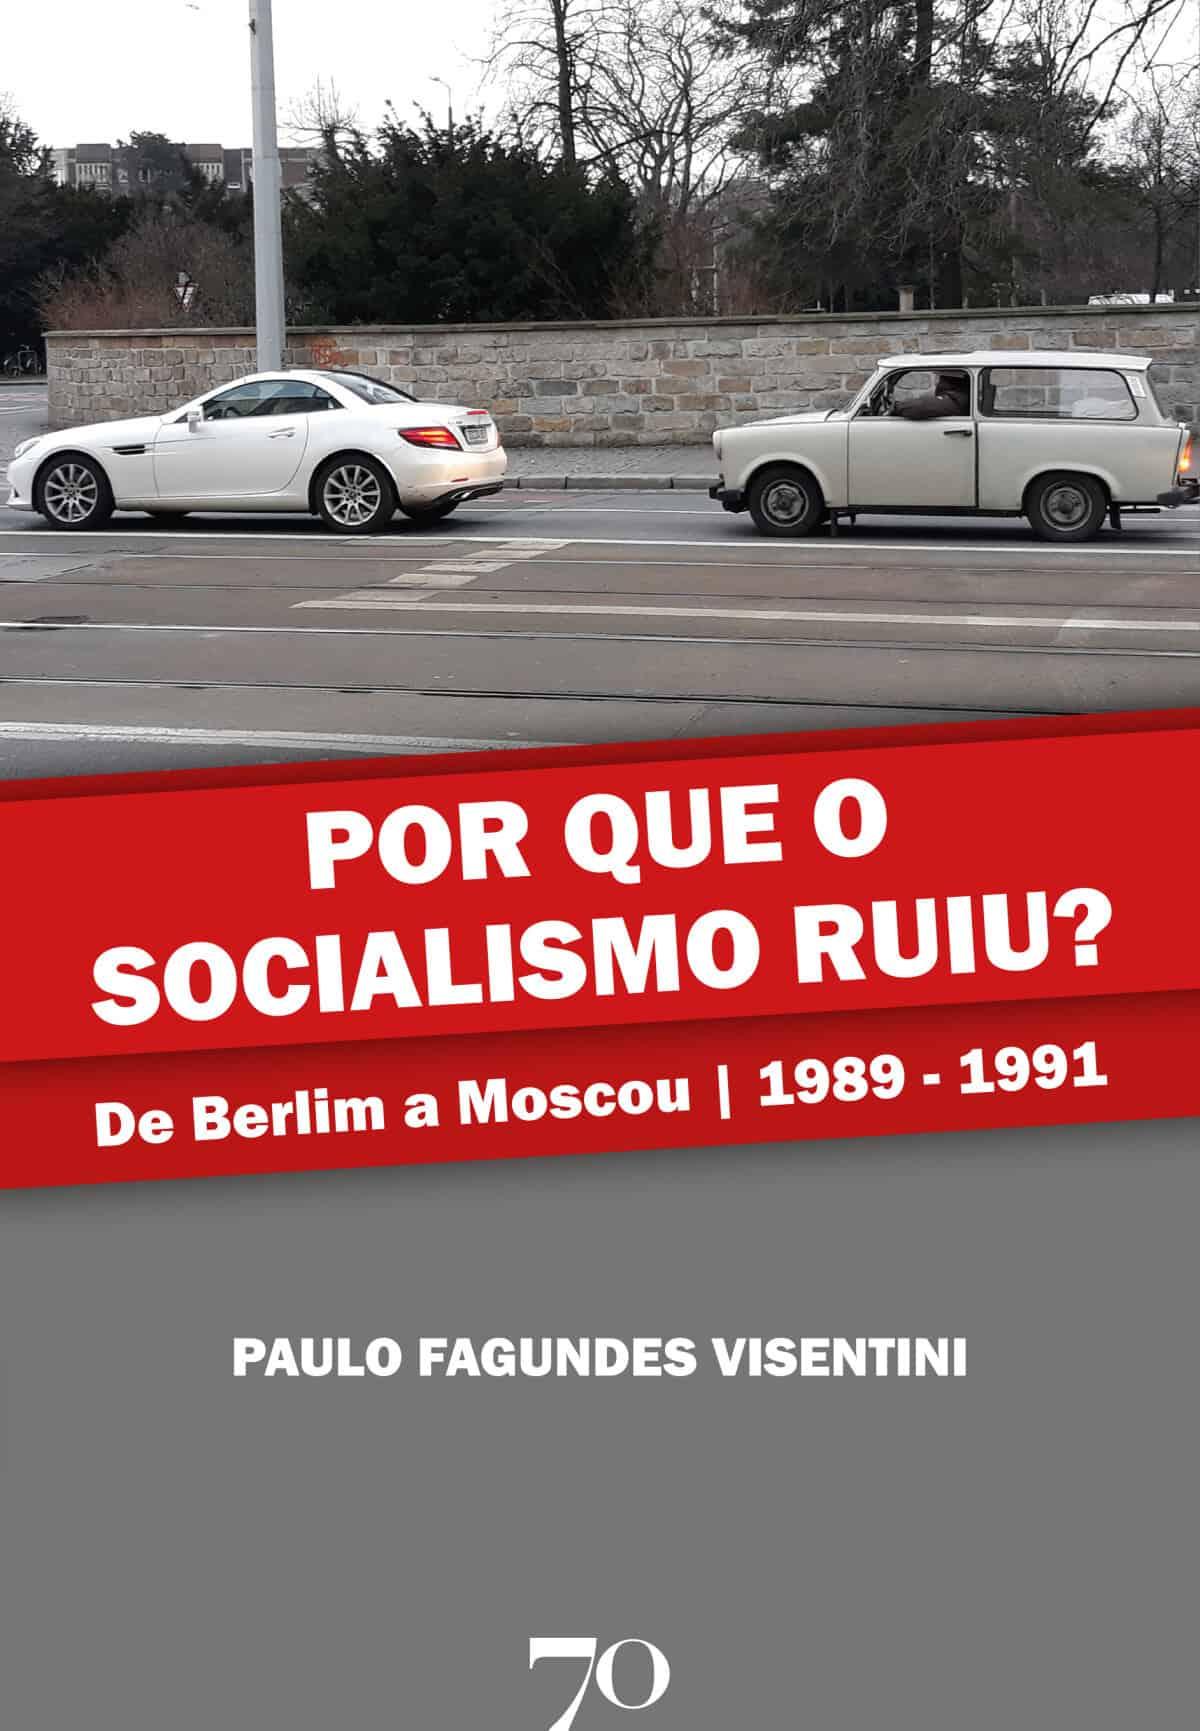 Foto 1 - Por que o Socialismo ruiu? - De Berlim a Moscou | 1989-1991